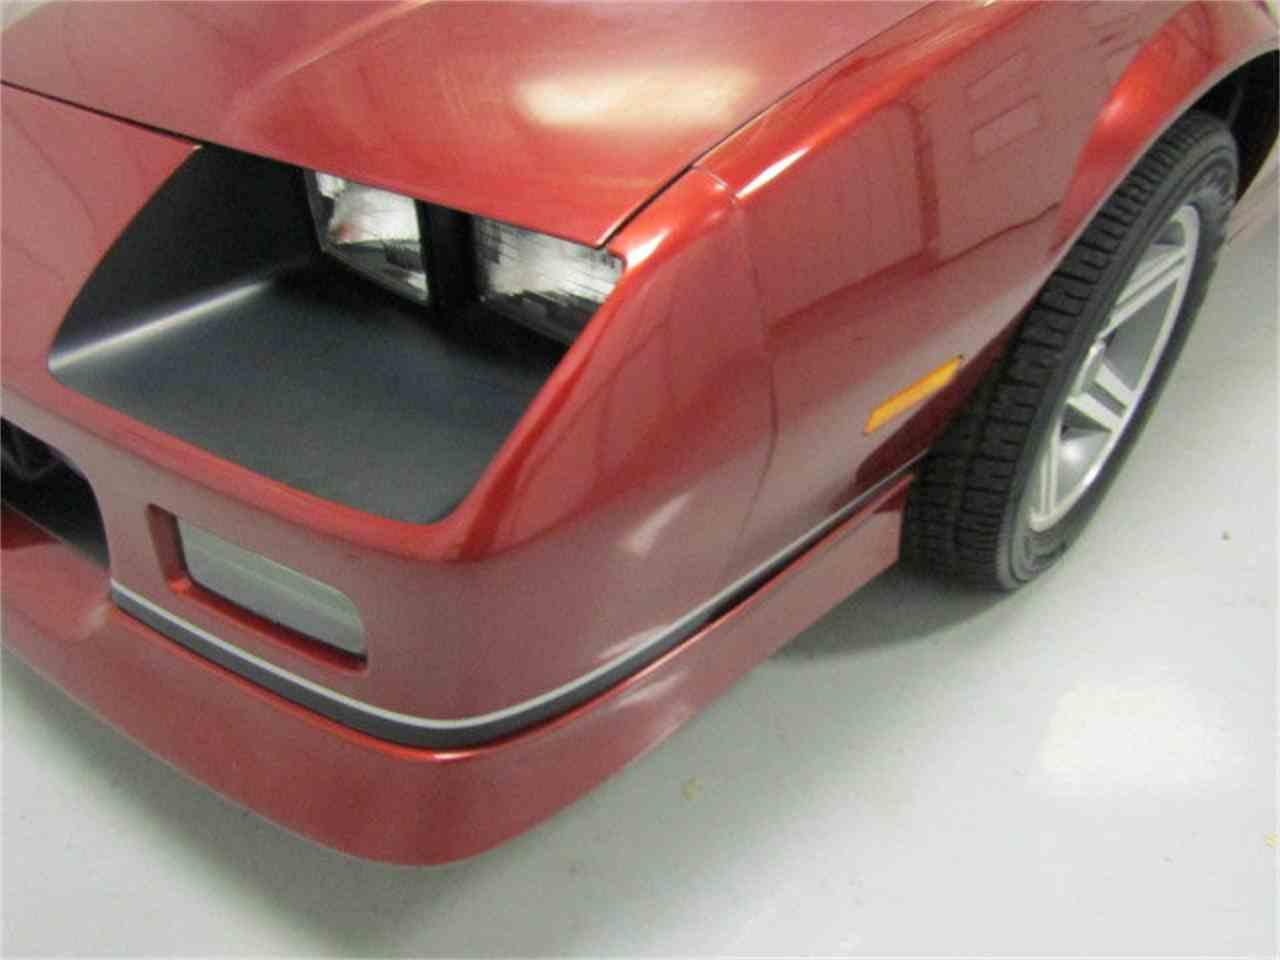 Large Picture of '86 Chevrolet Camaro located in Virginia - JLAE